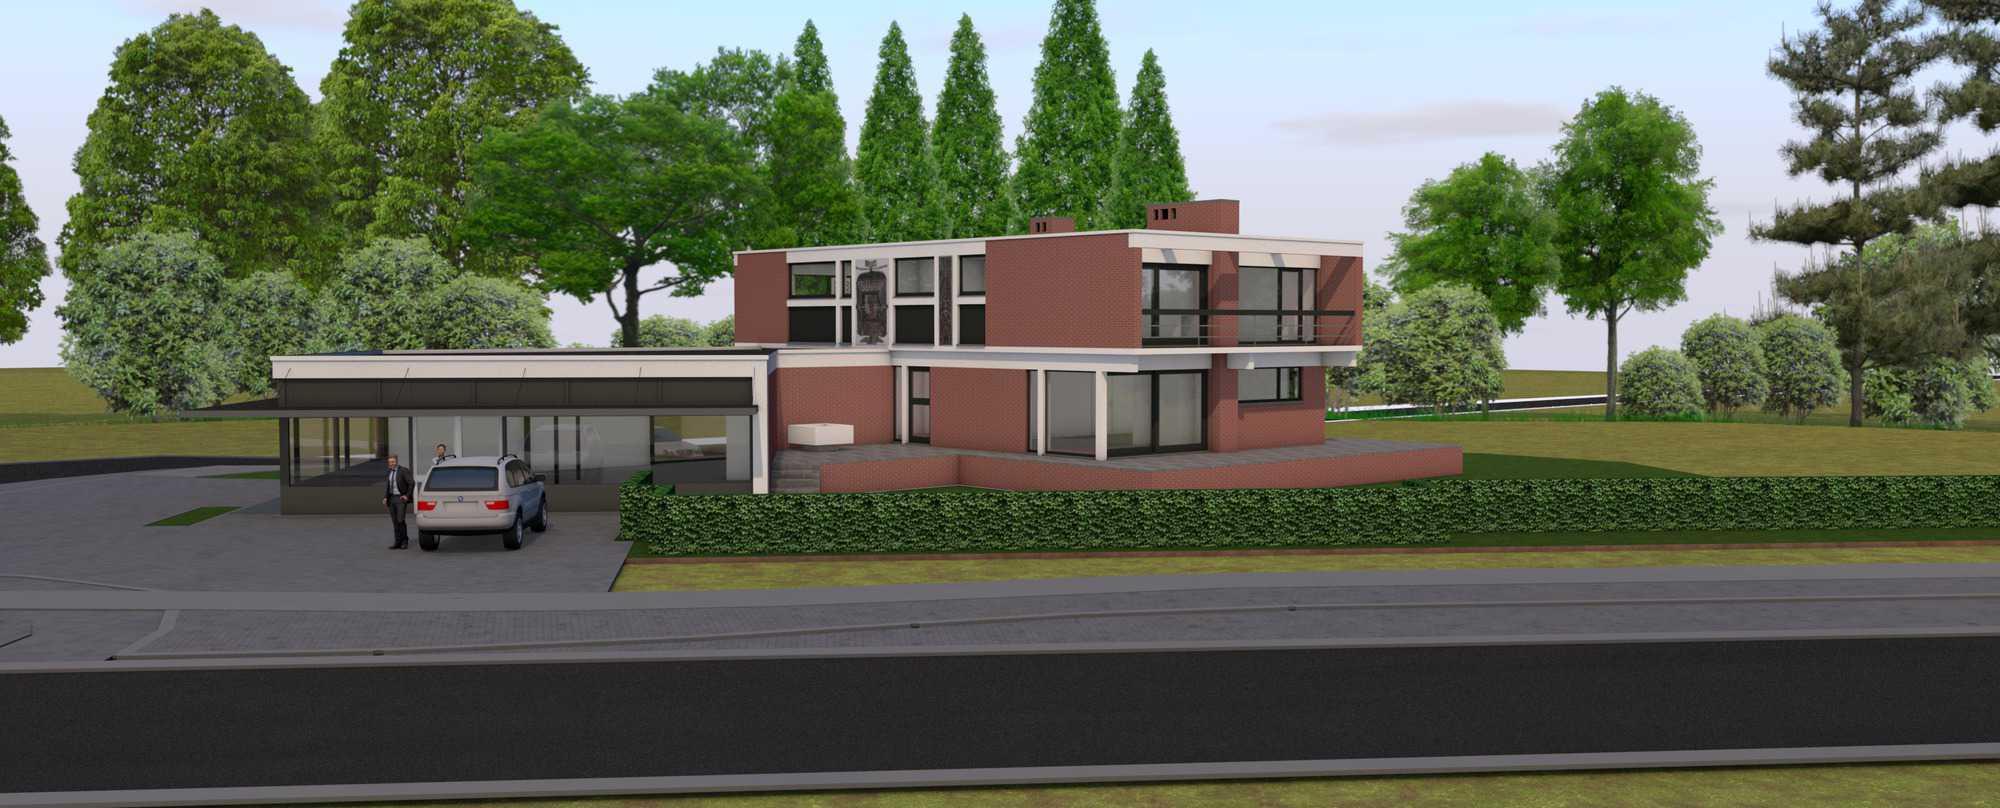 Detail afbeelding 4 van Verbouwing Modernistische Villa | Ontwerp door architect Patrick Strackx